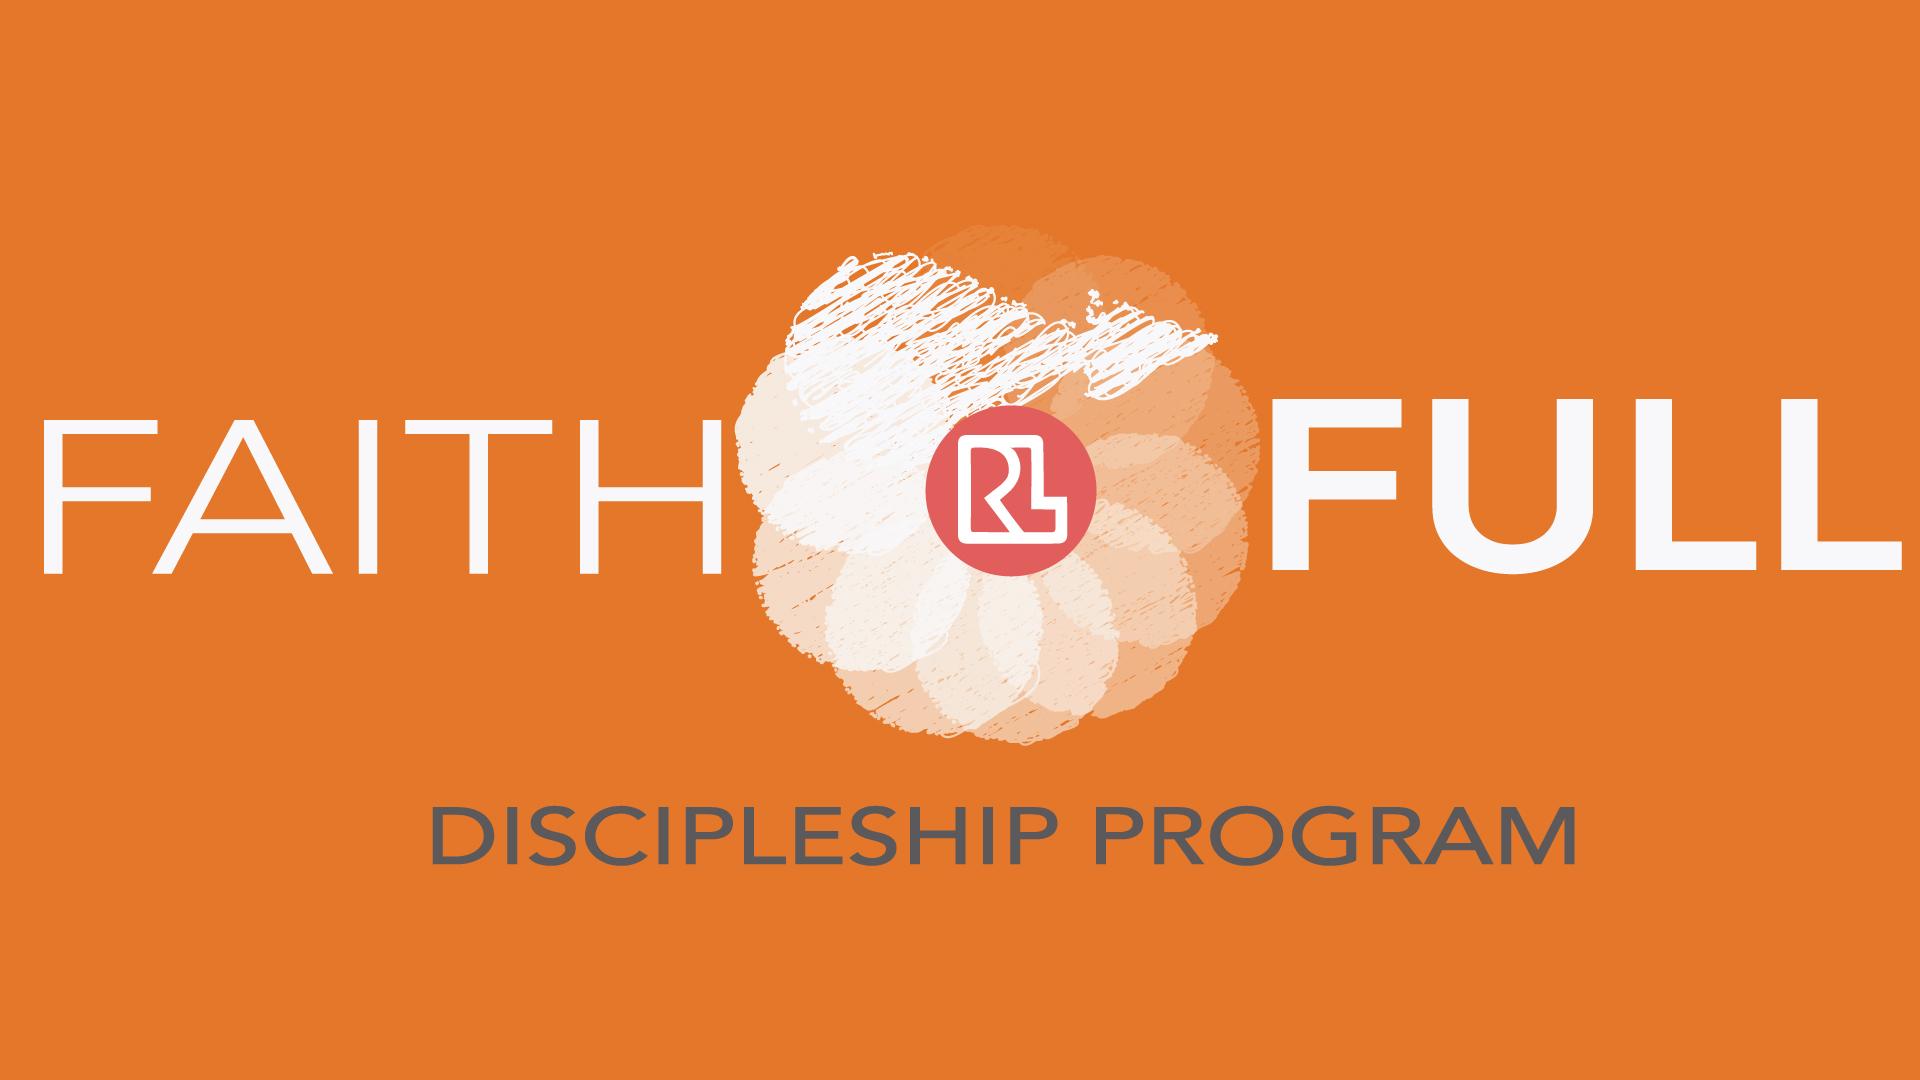 Faith FULL Discipleship Program